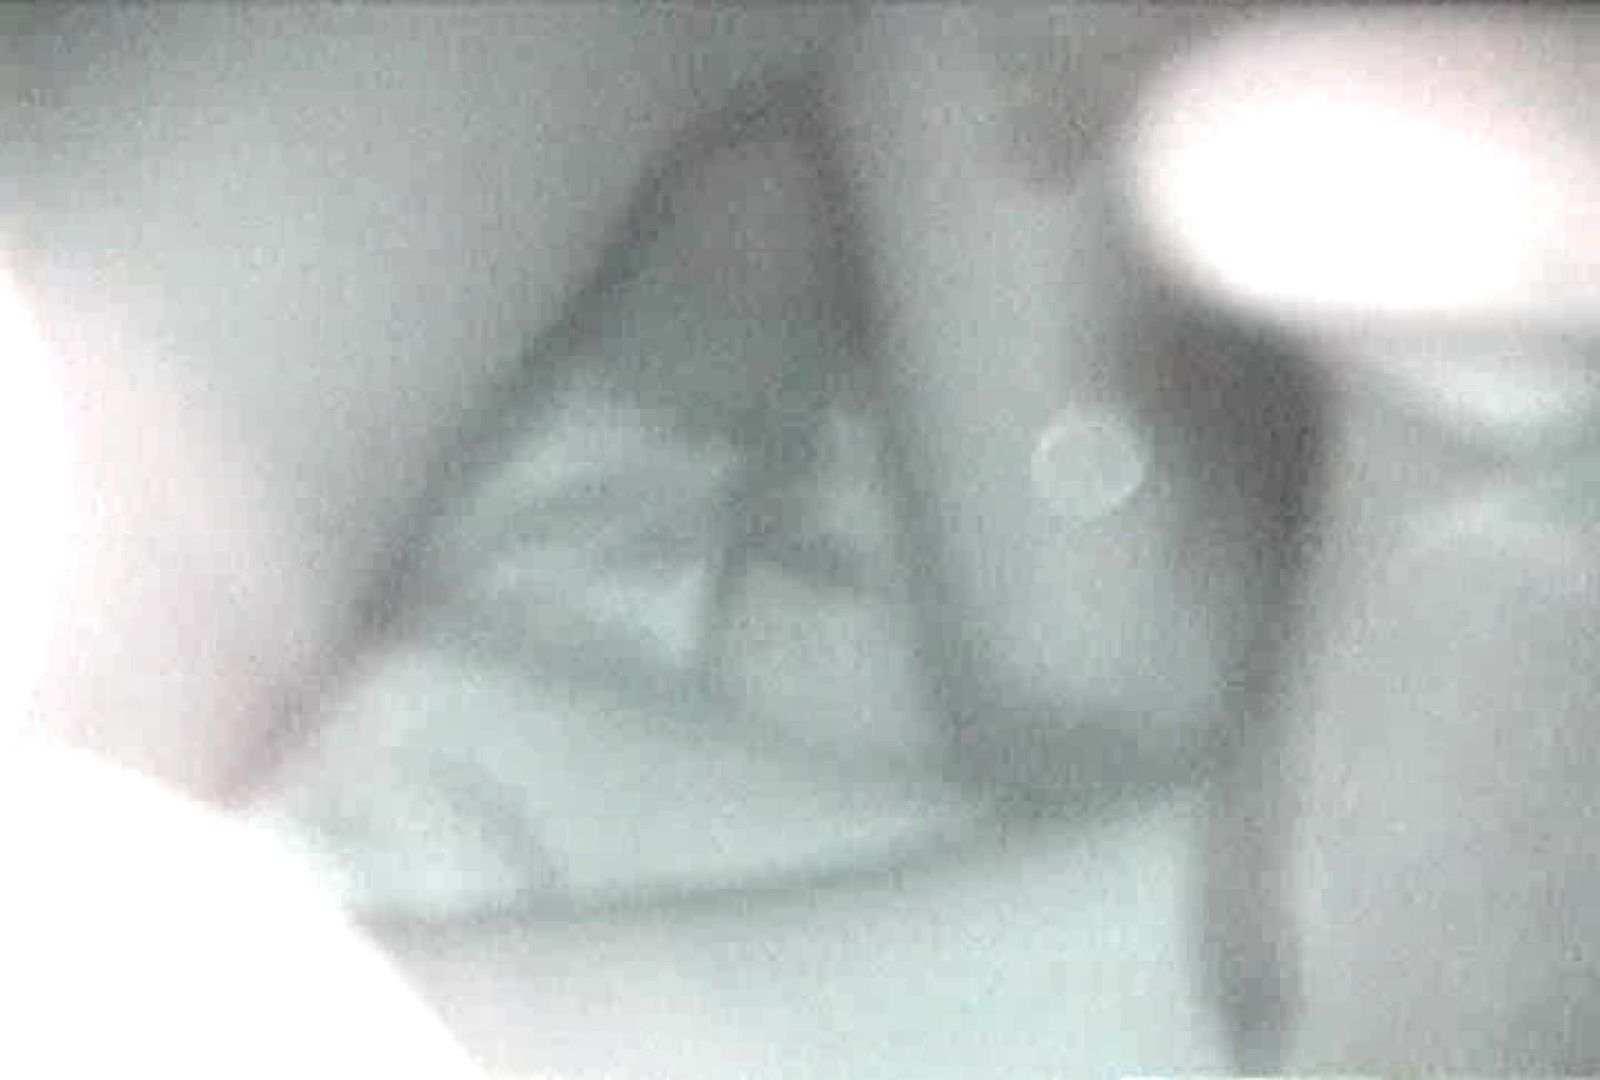 「充血監督」さんの深夜の運動会!! vol.088 熟女 盗み撮りAV無料動画キャプチャ 106連発 34